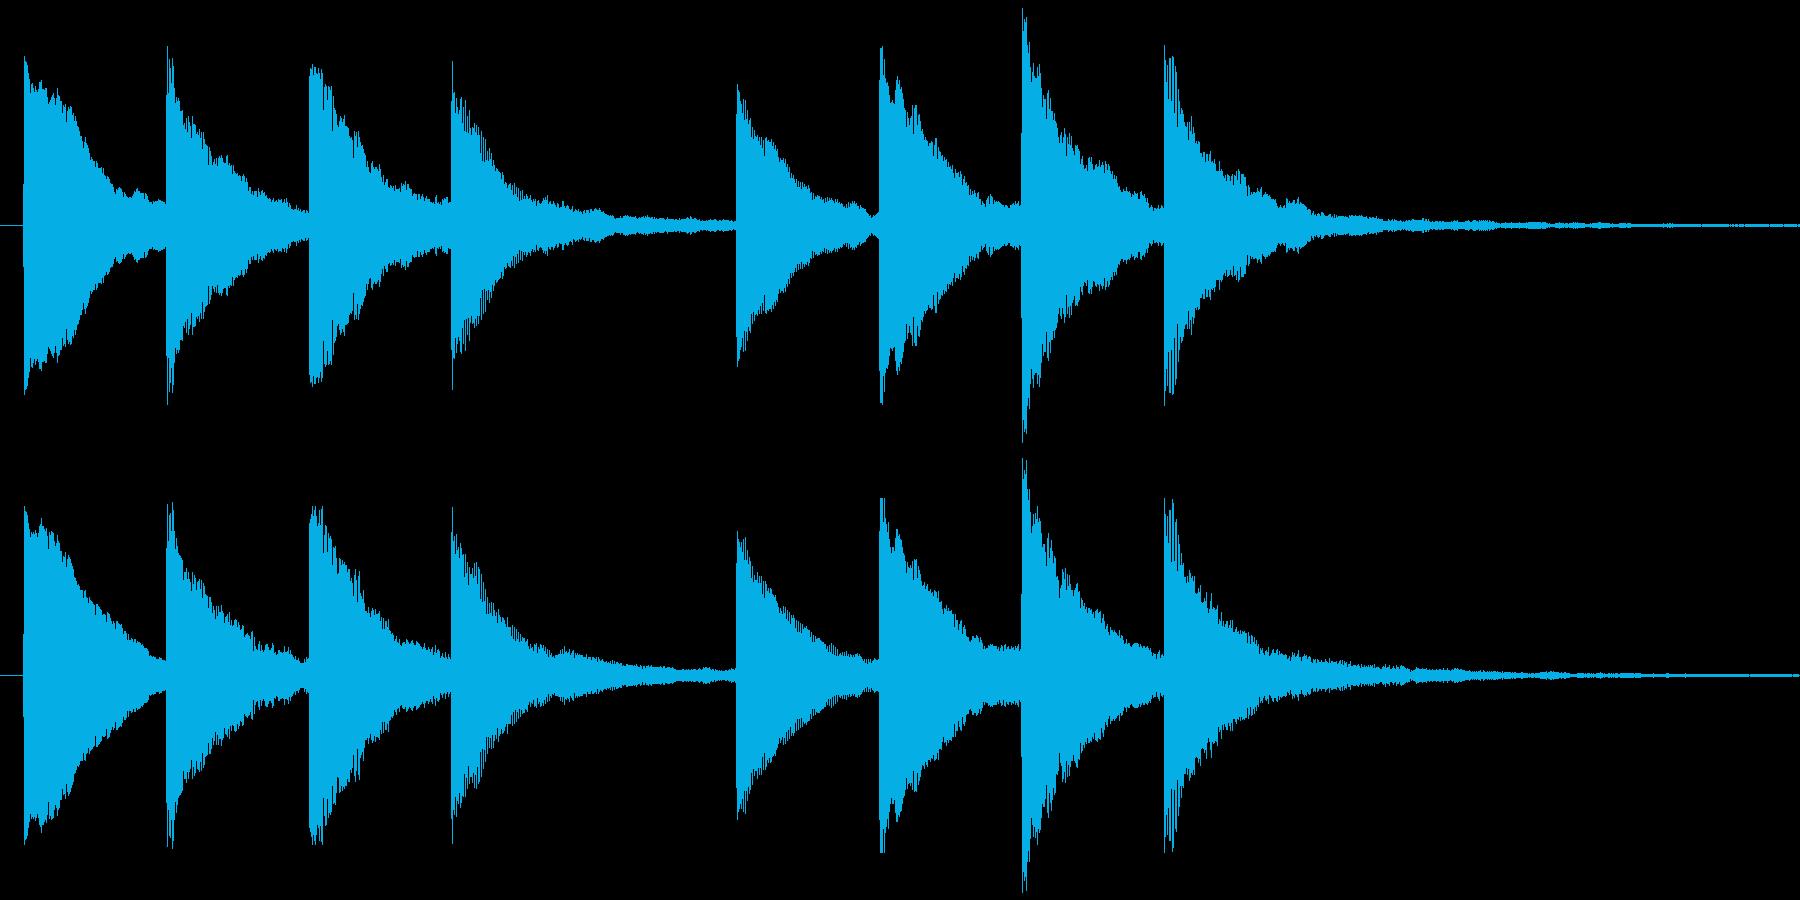 キンコンカンコン 学校チャイム2の再生済みの波形